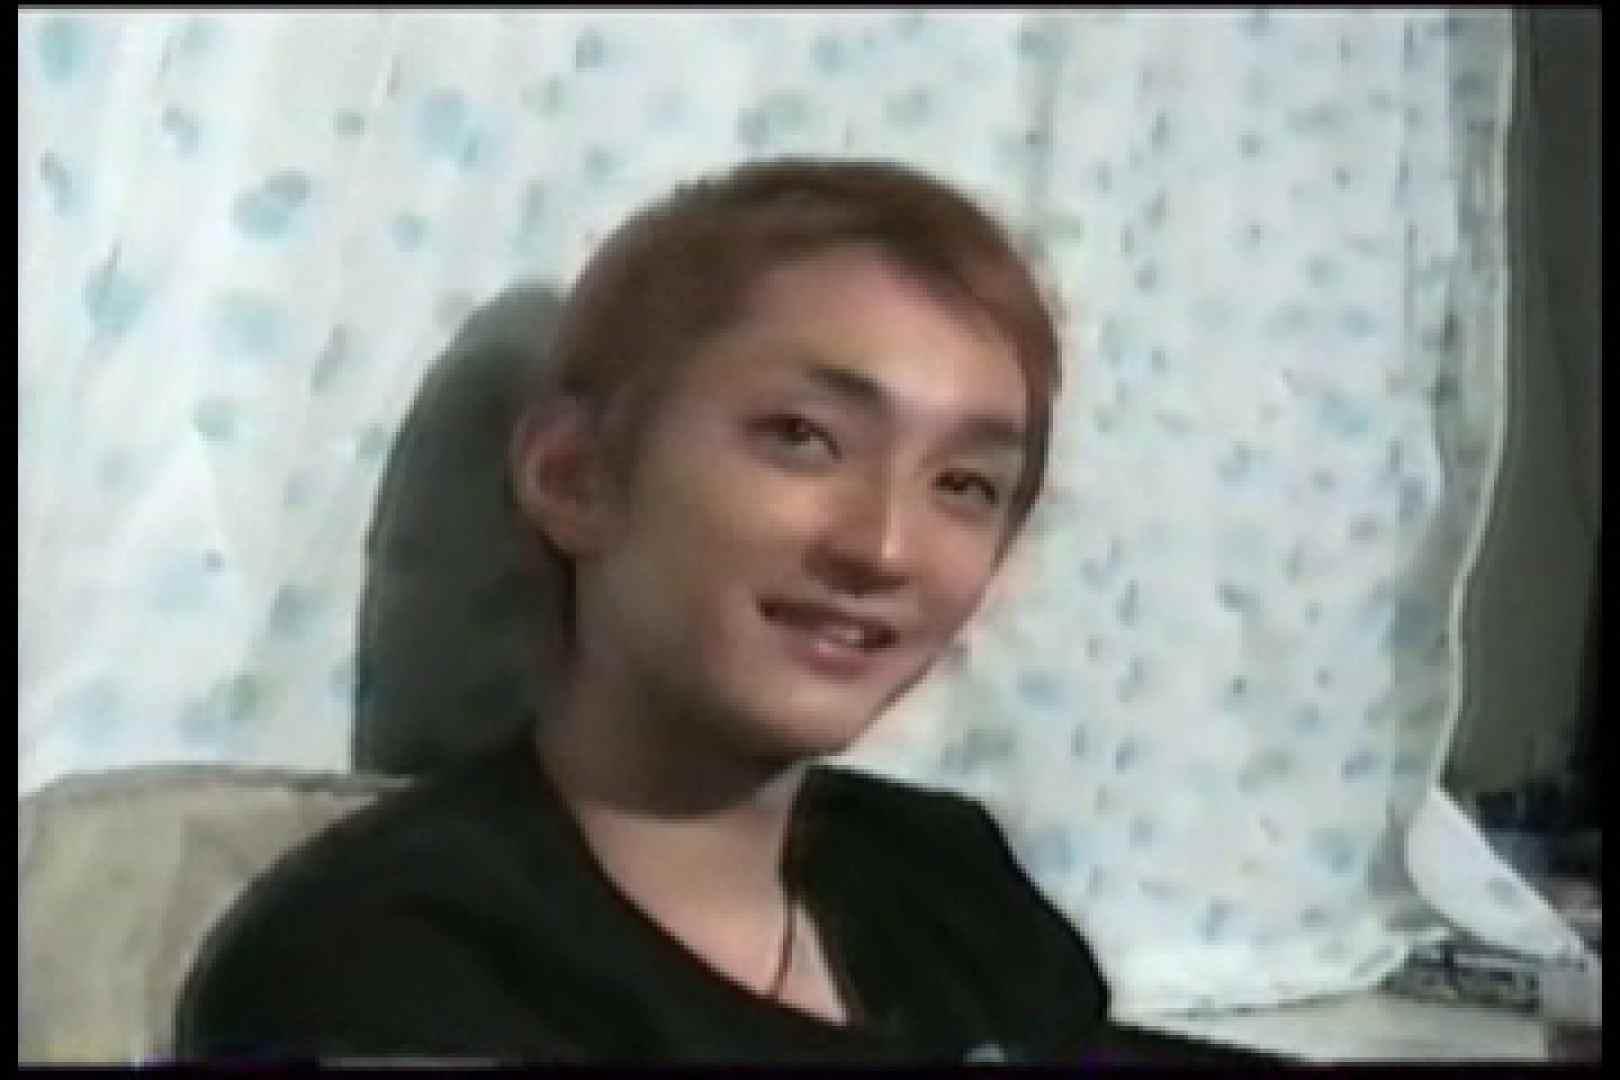 【流出】アイドルを目指したジャニ系イケメンの過去 メンズ流出映像 ペニス画像 70画像 40